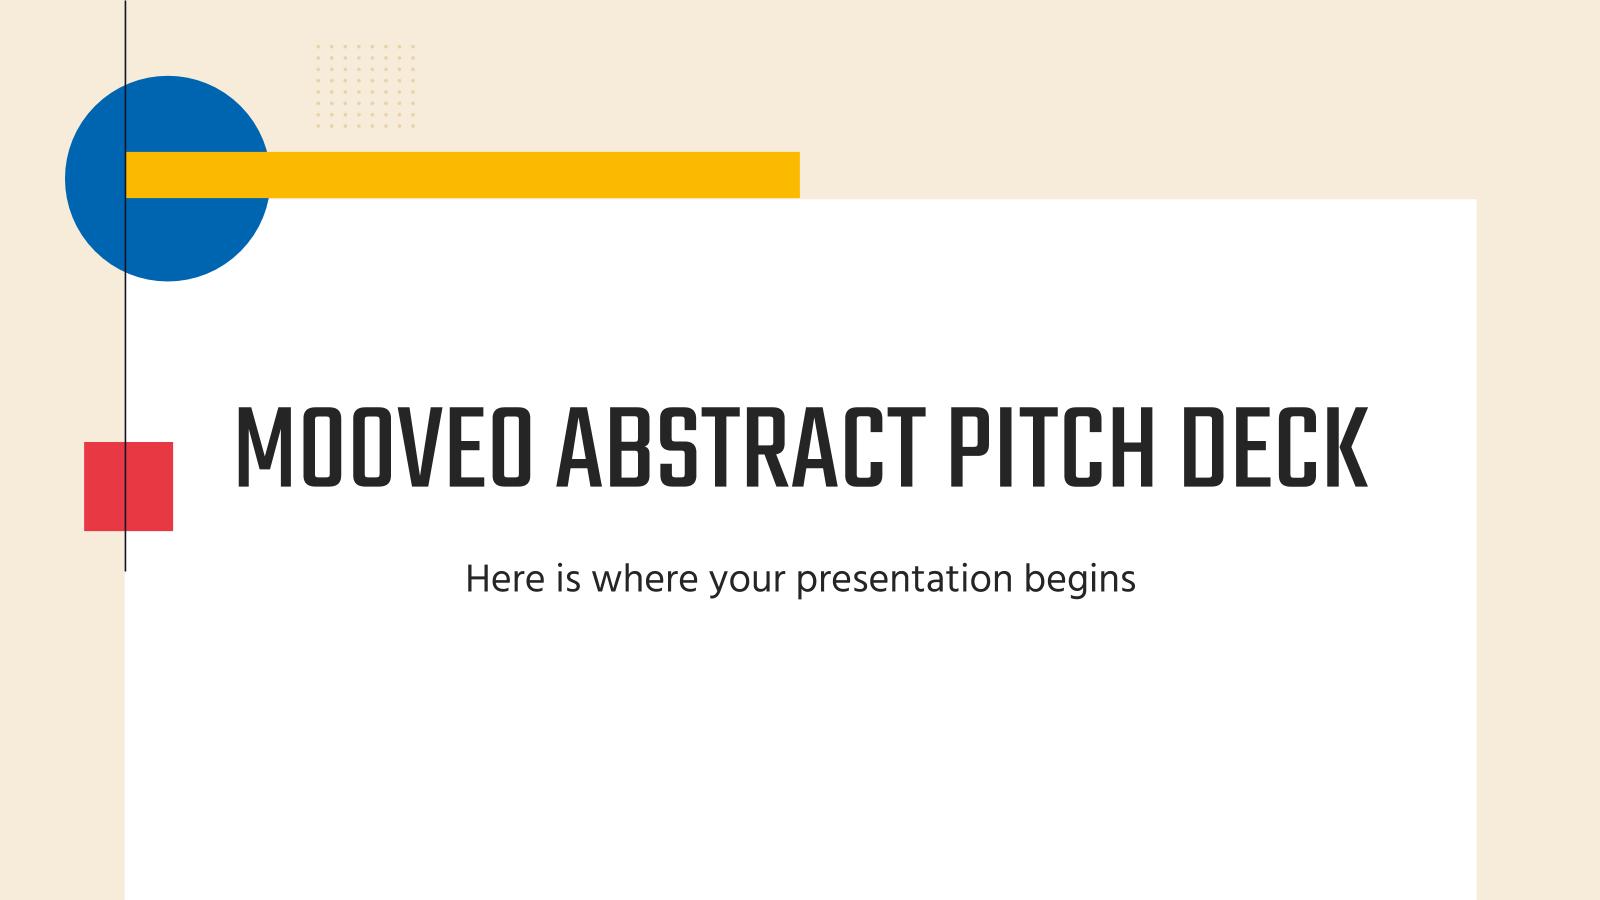 Plantilla de presentación Pitch deck abstracto Mooveo